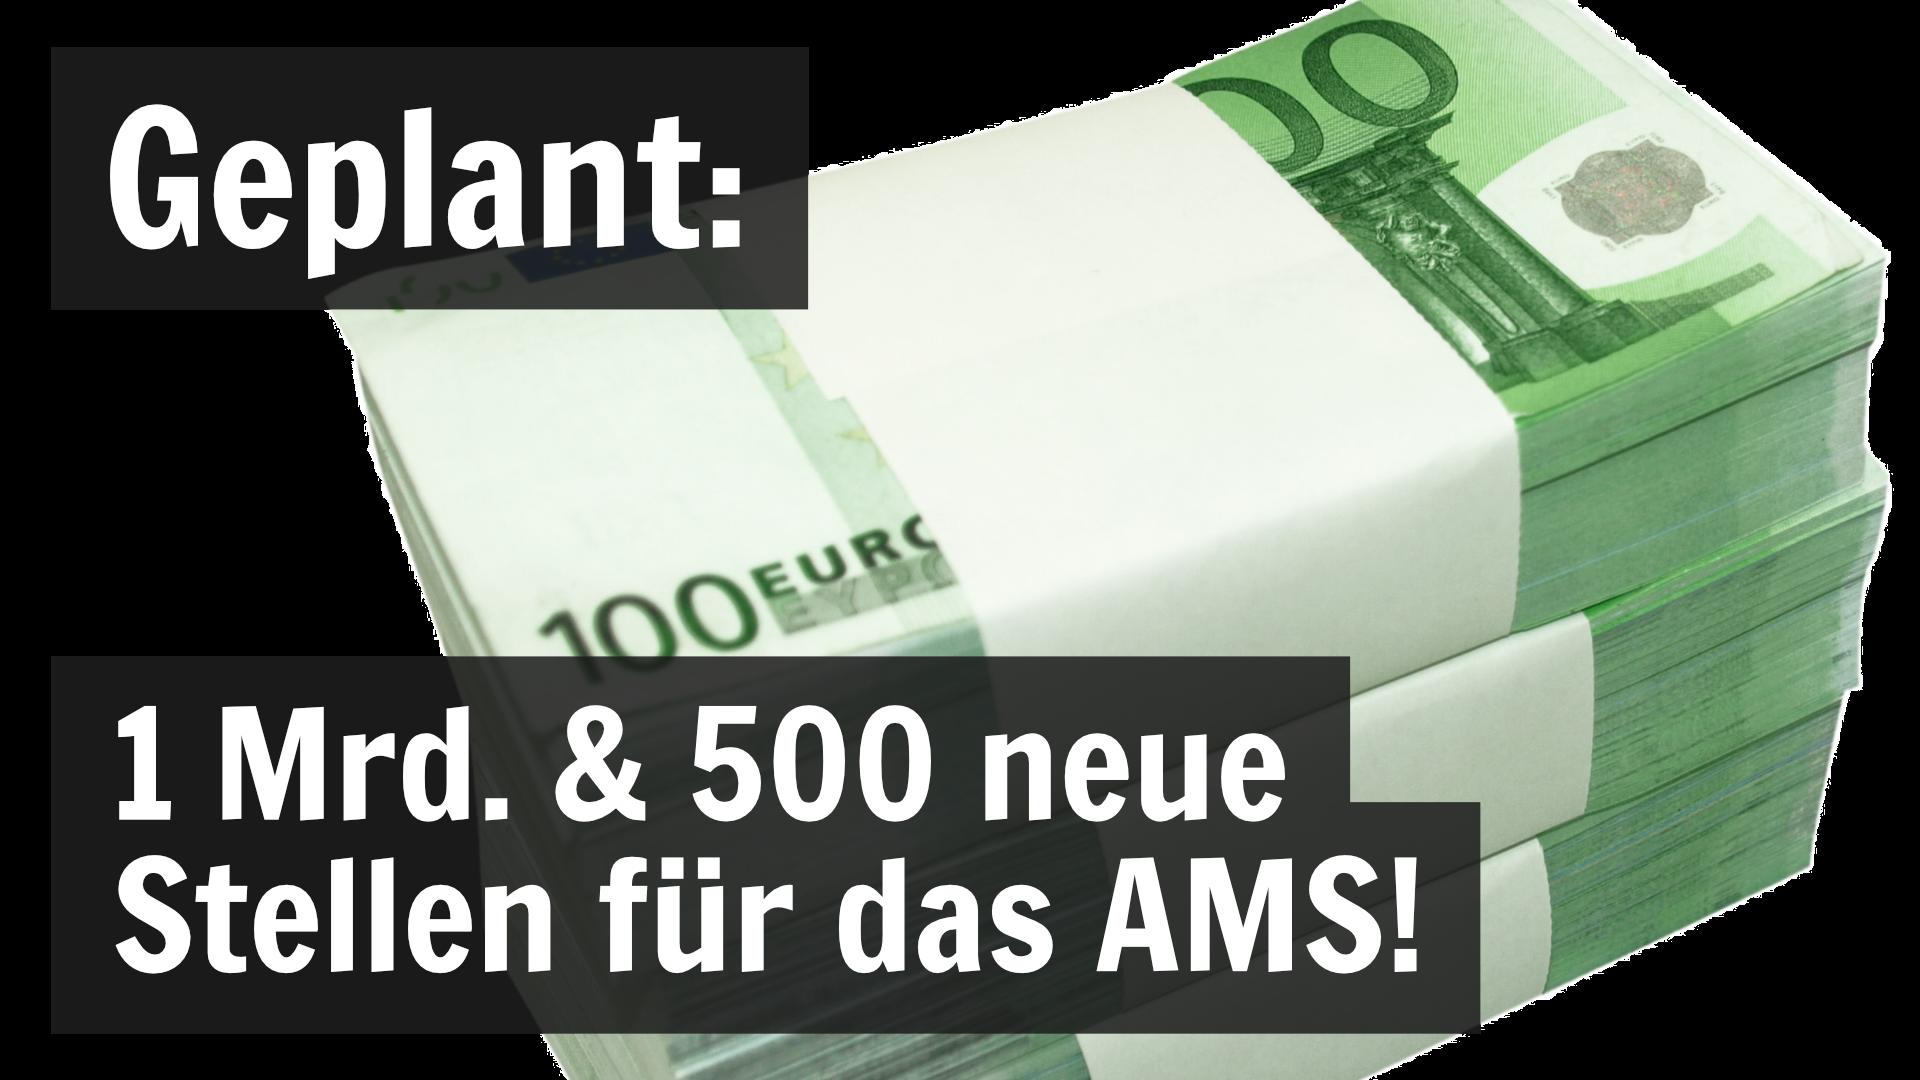 Endlich: 1 Mrd. und 500 neue Stellen für das AMS